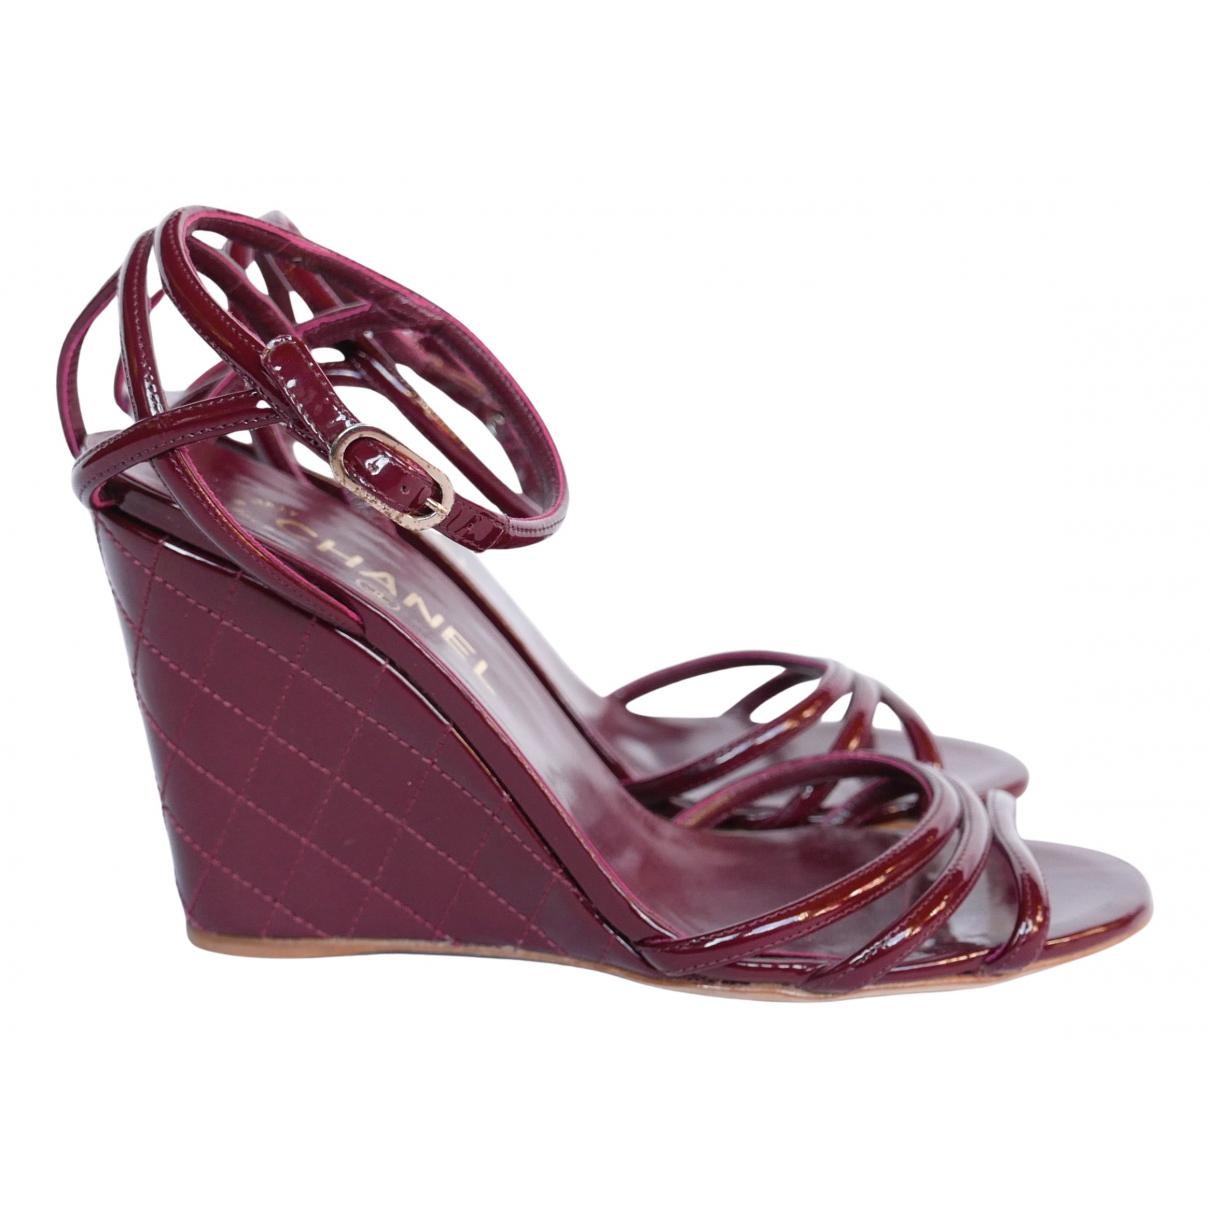 Chanel - Sandales   pour femme en cuir verni - bordeaux